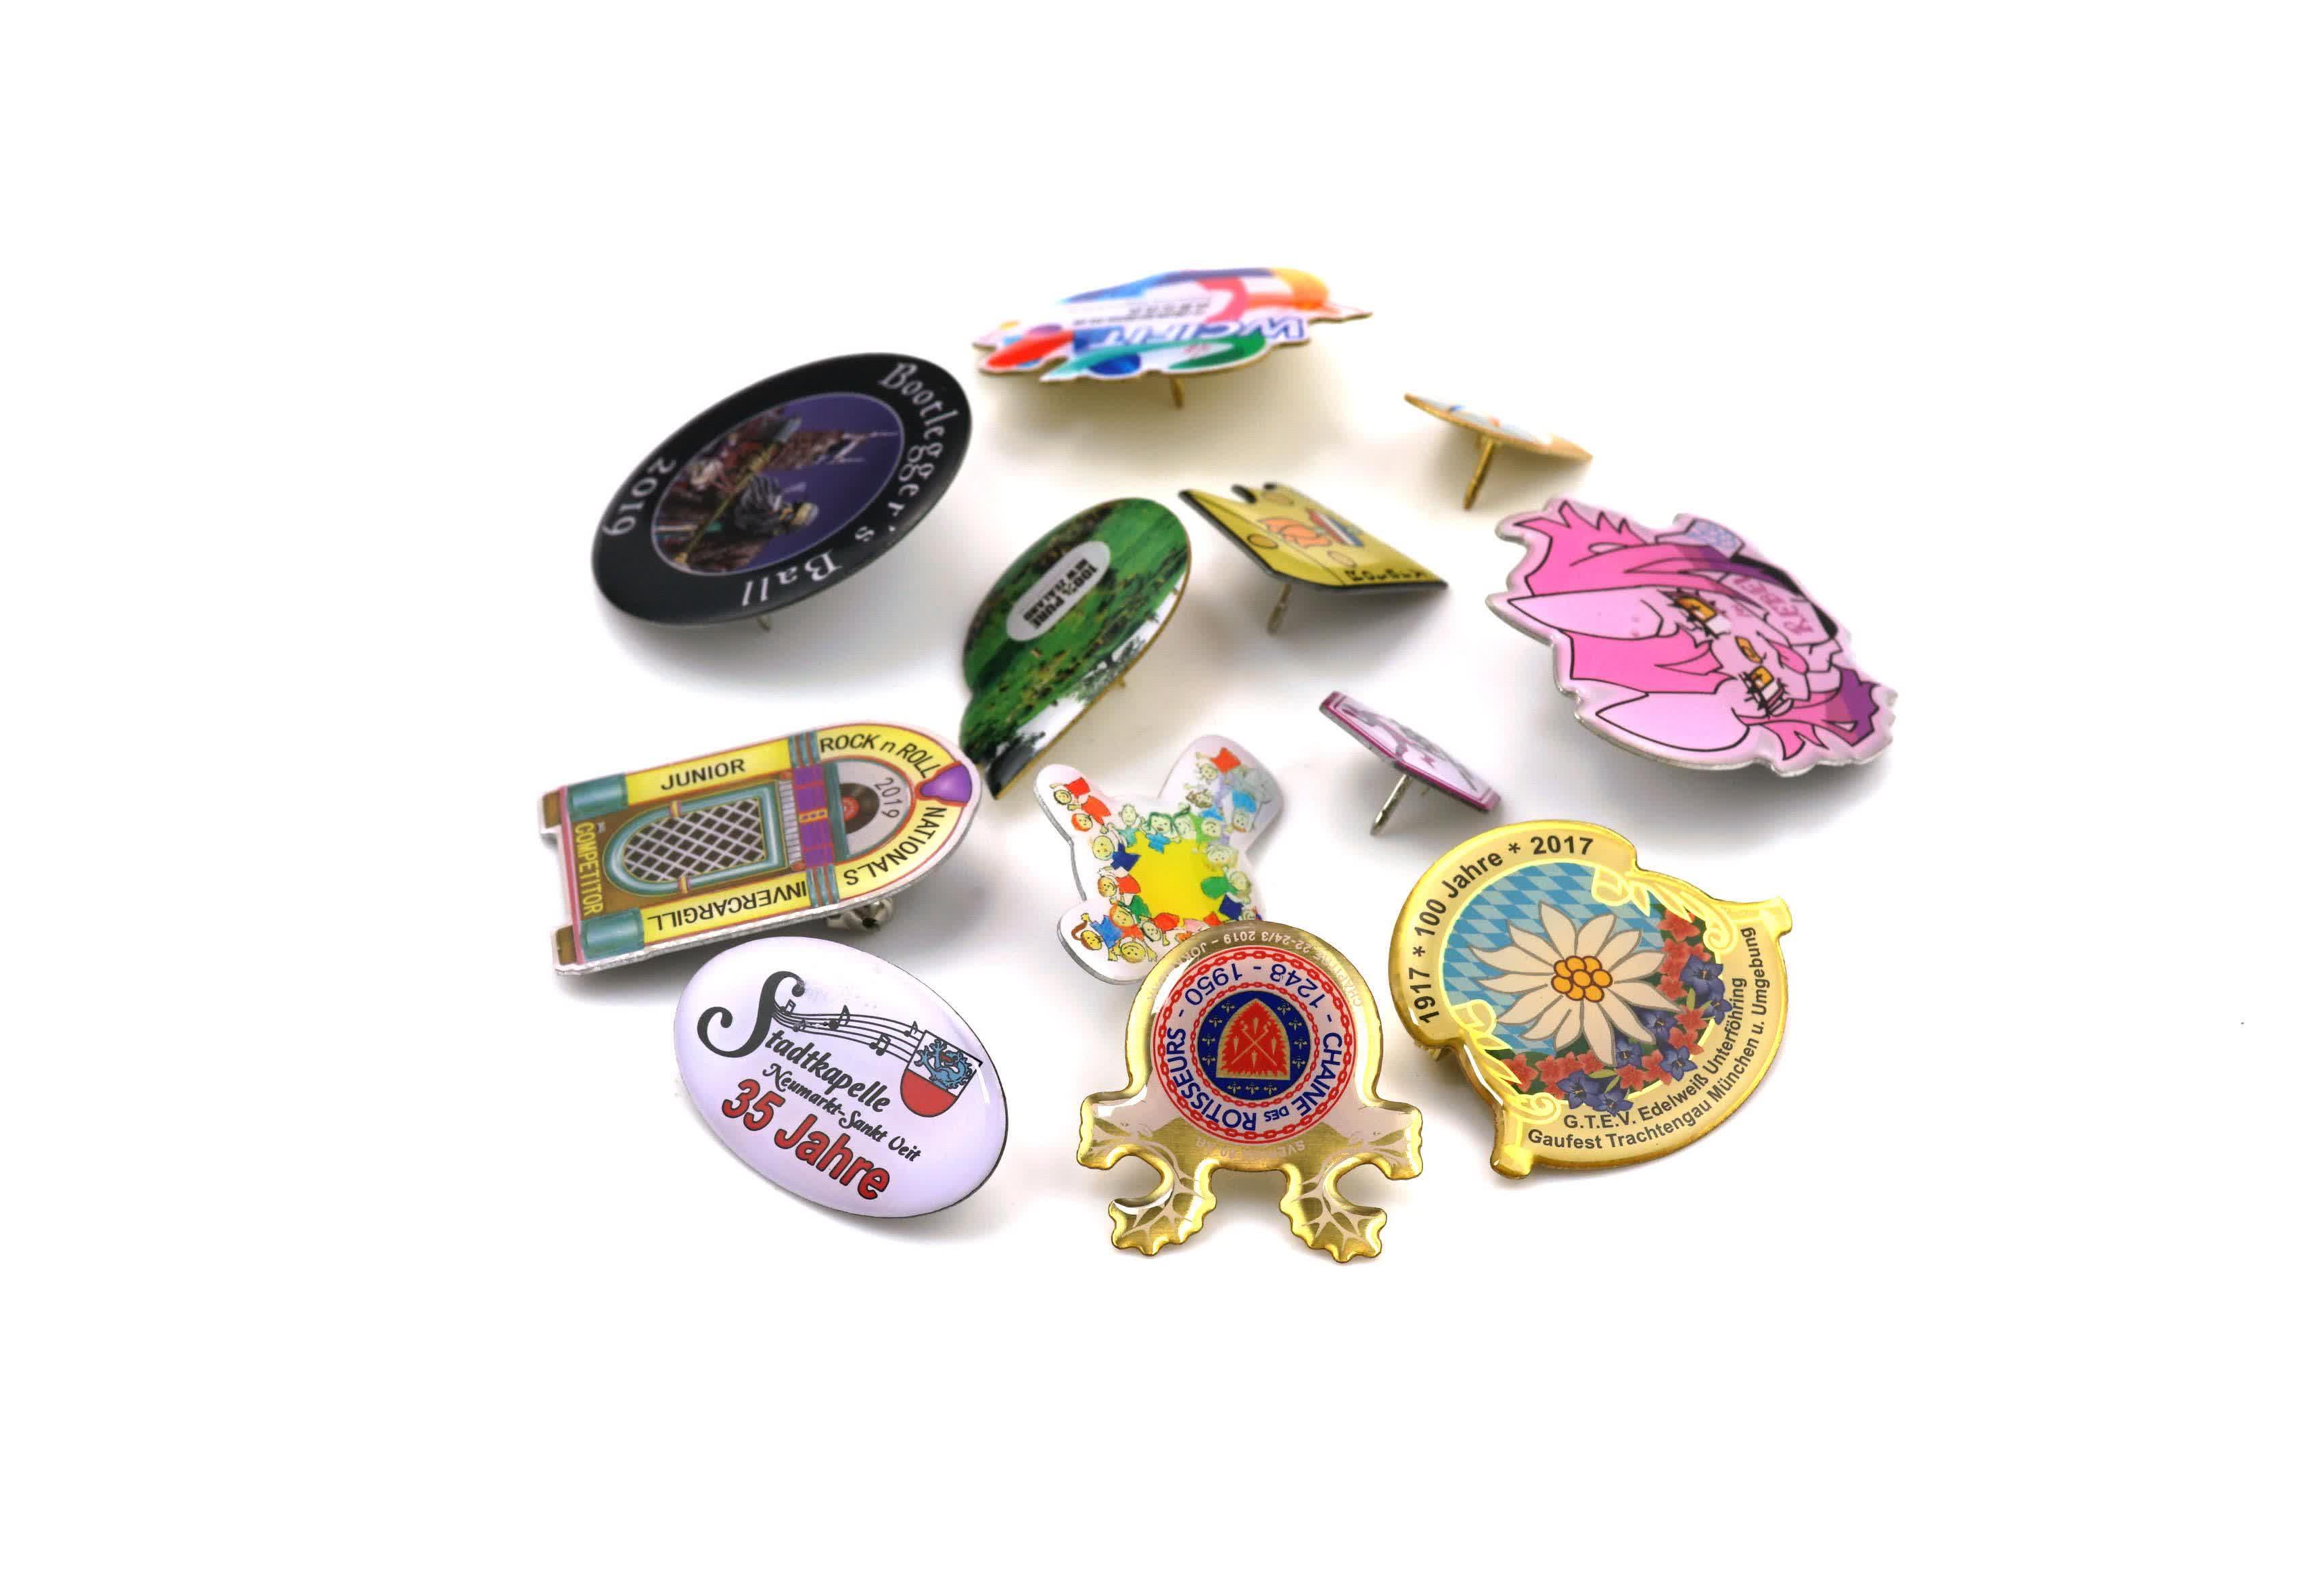 도매 맞춤형 작은 에나멜 넥타이 케냐 미니 옷깃 브로치 버튼 핀